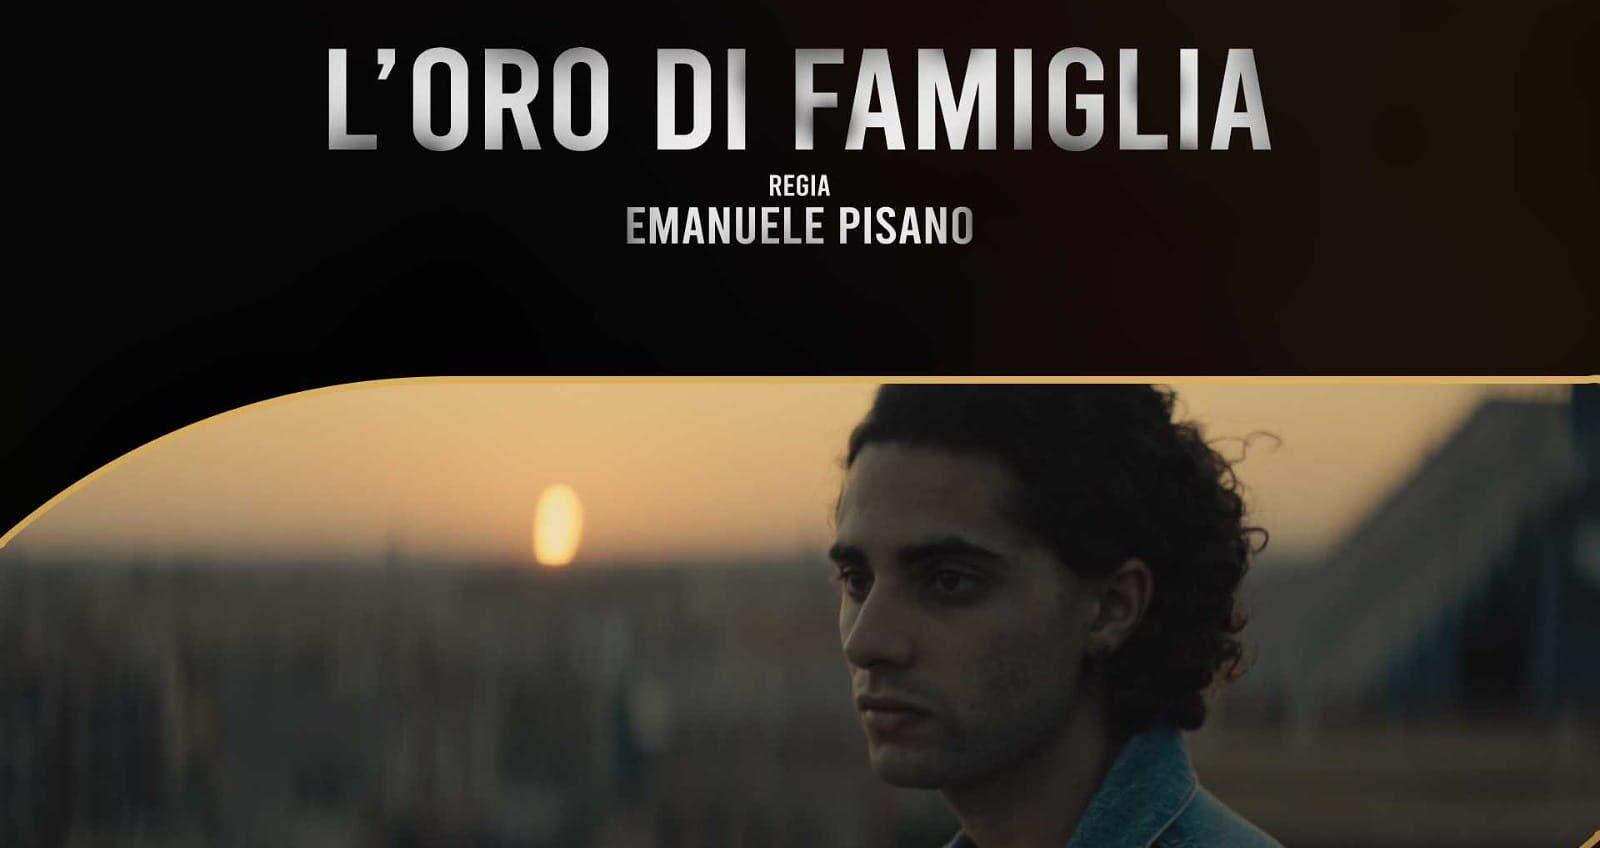 L'oro di famiglia _ Emanuele Pisano